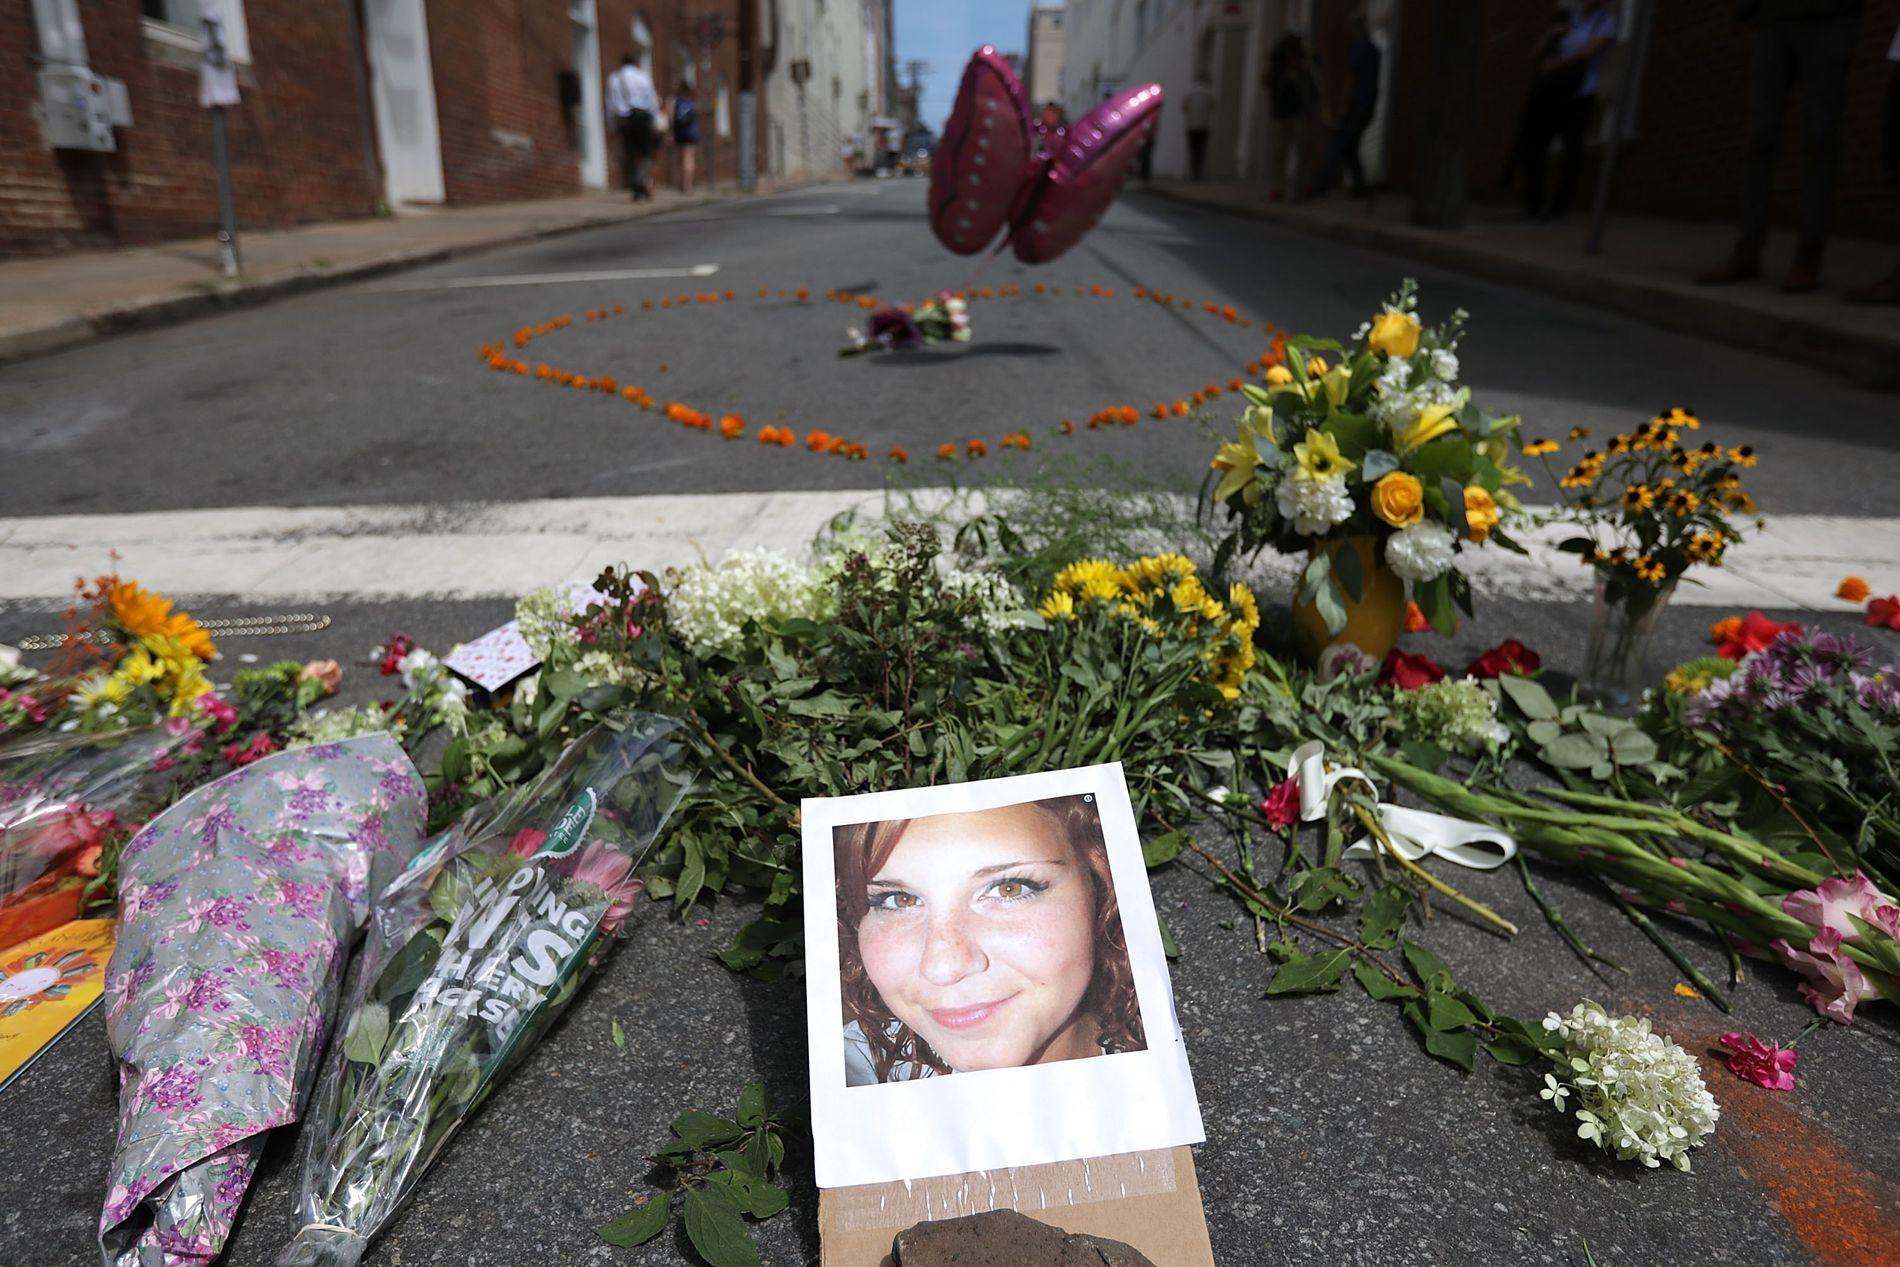 DREPT: Ved åstedet i Charlottesville har folk lagt ned blomster ved siden av et bilde av 32 år gamle Heather Heyer.